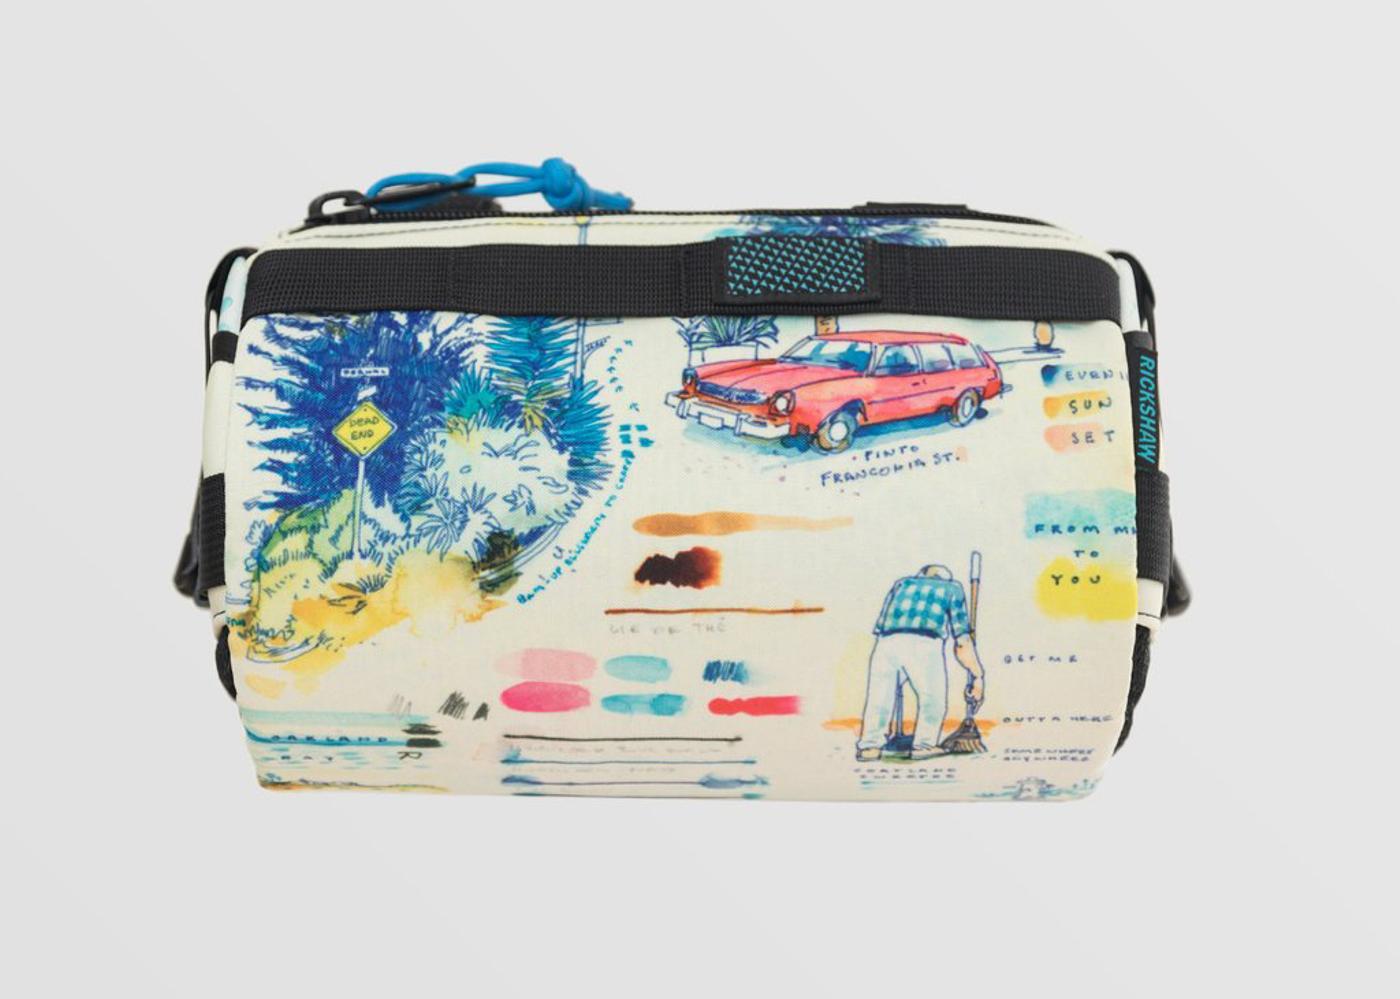 ORNOT: Chris McNally Bag Collection